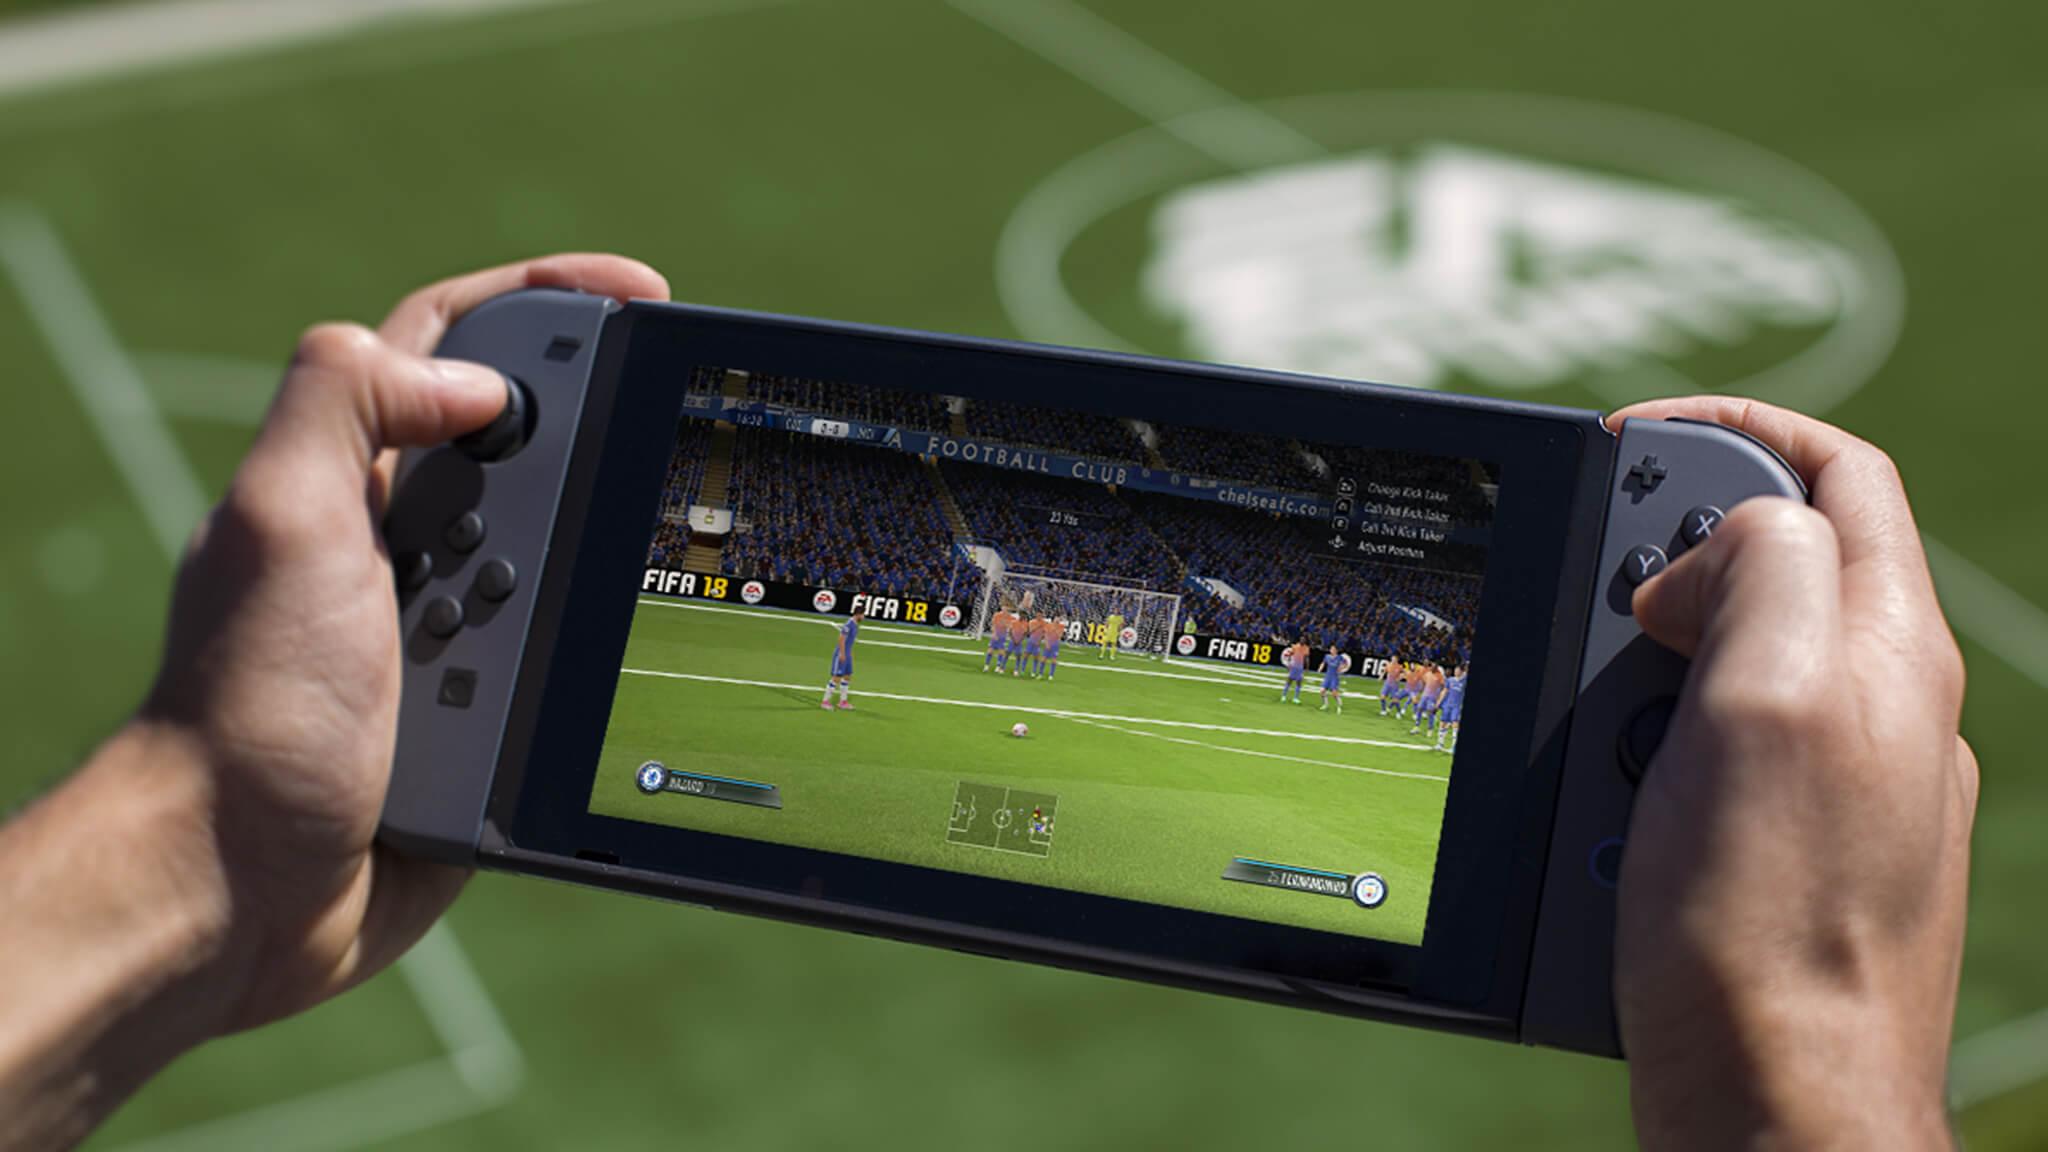 Le vendite di FIFA 18 per Nintendo Switch sono cresciute del 494% nell'ultima settimana